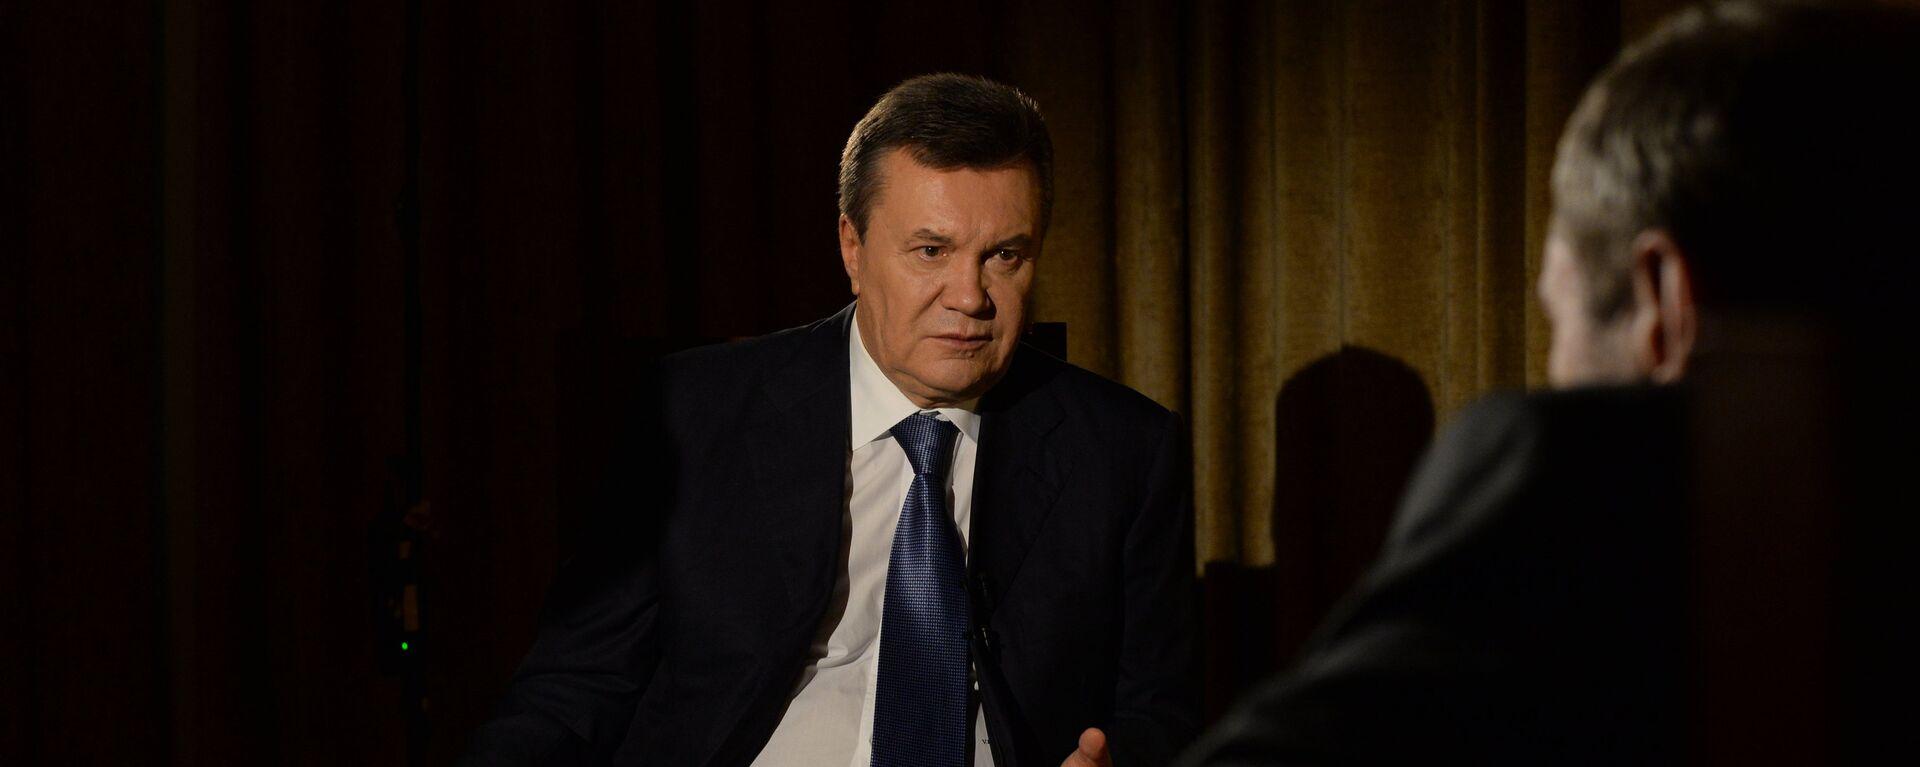 Бывший президент Украины Виктор Янукович, архивное фото - Sputnik Тоҷикистон, 1920, 18.08.2021